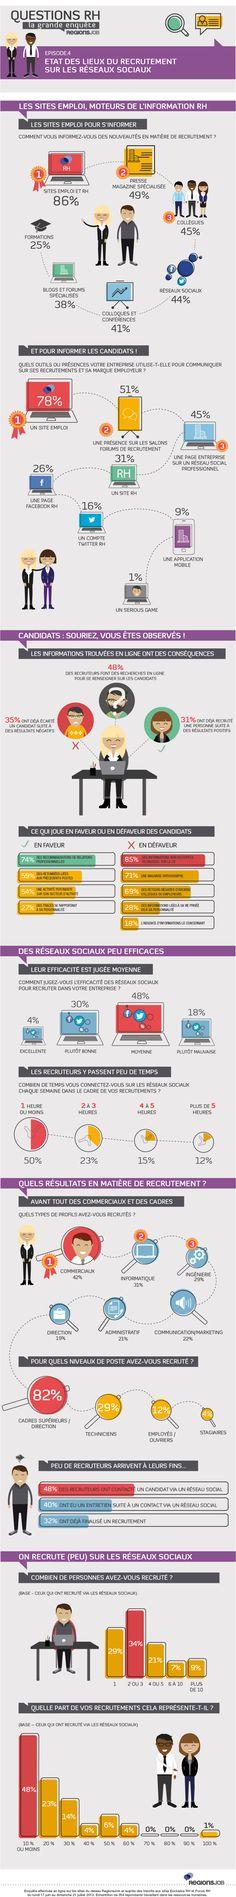 Infographie : le rôle des réseaux sociaux dans le recrutement - blog-emploi.com